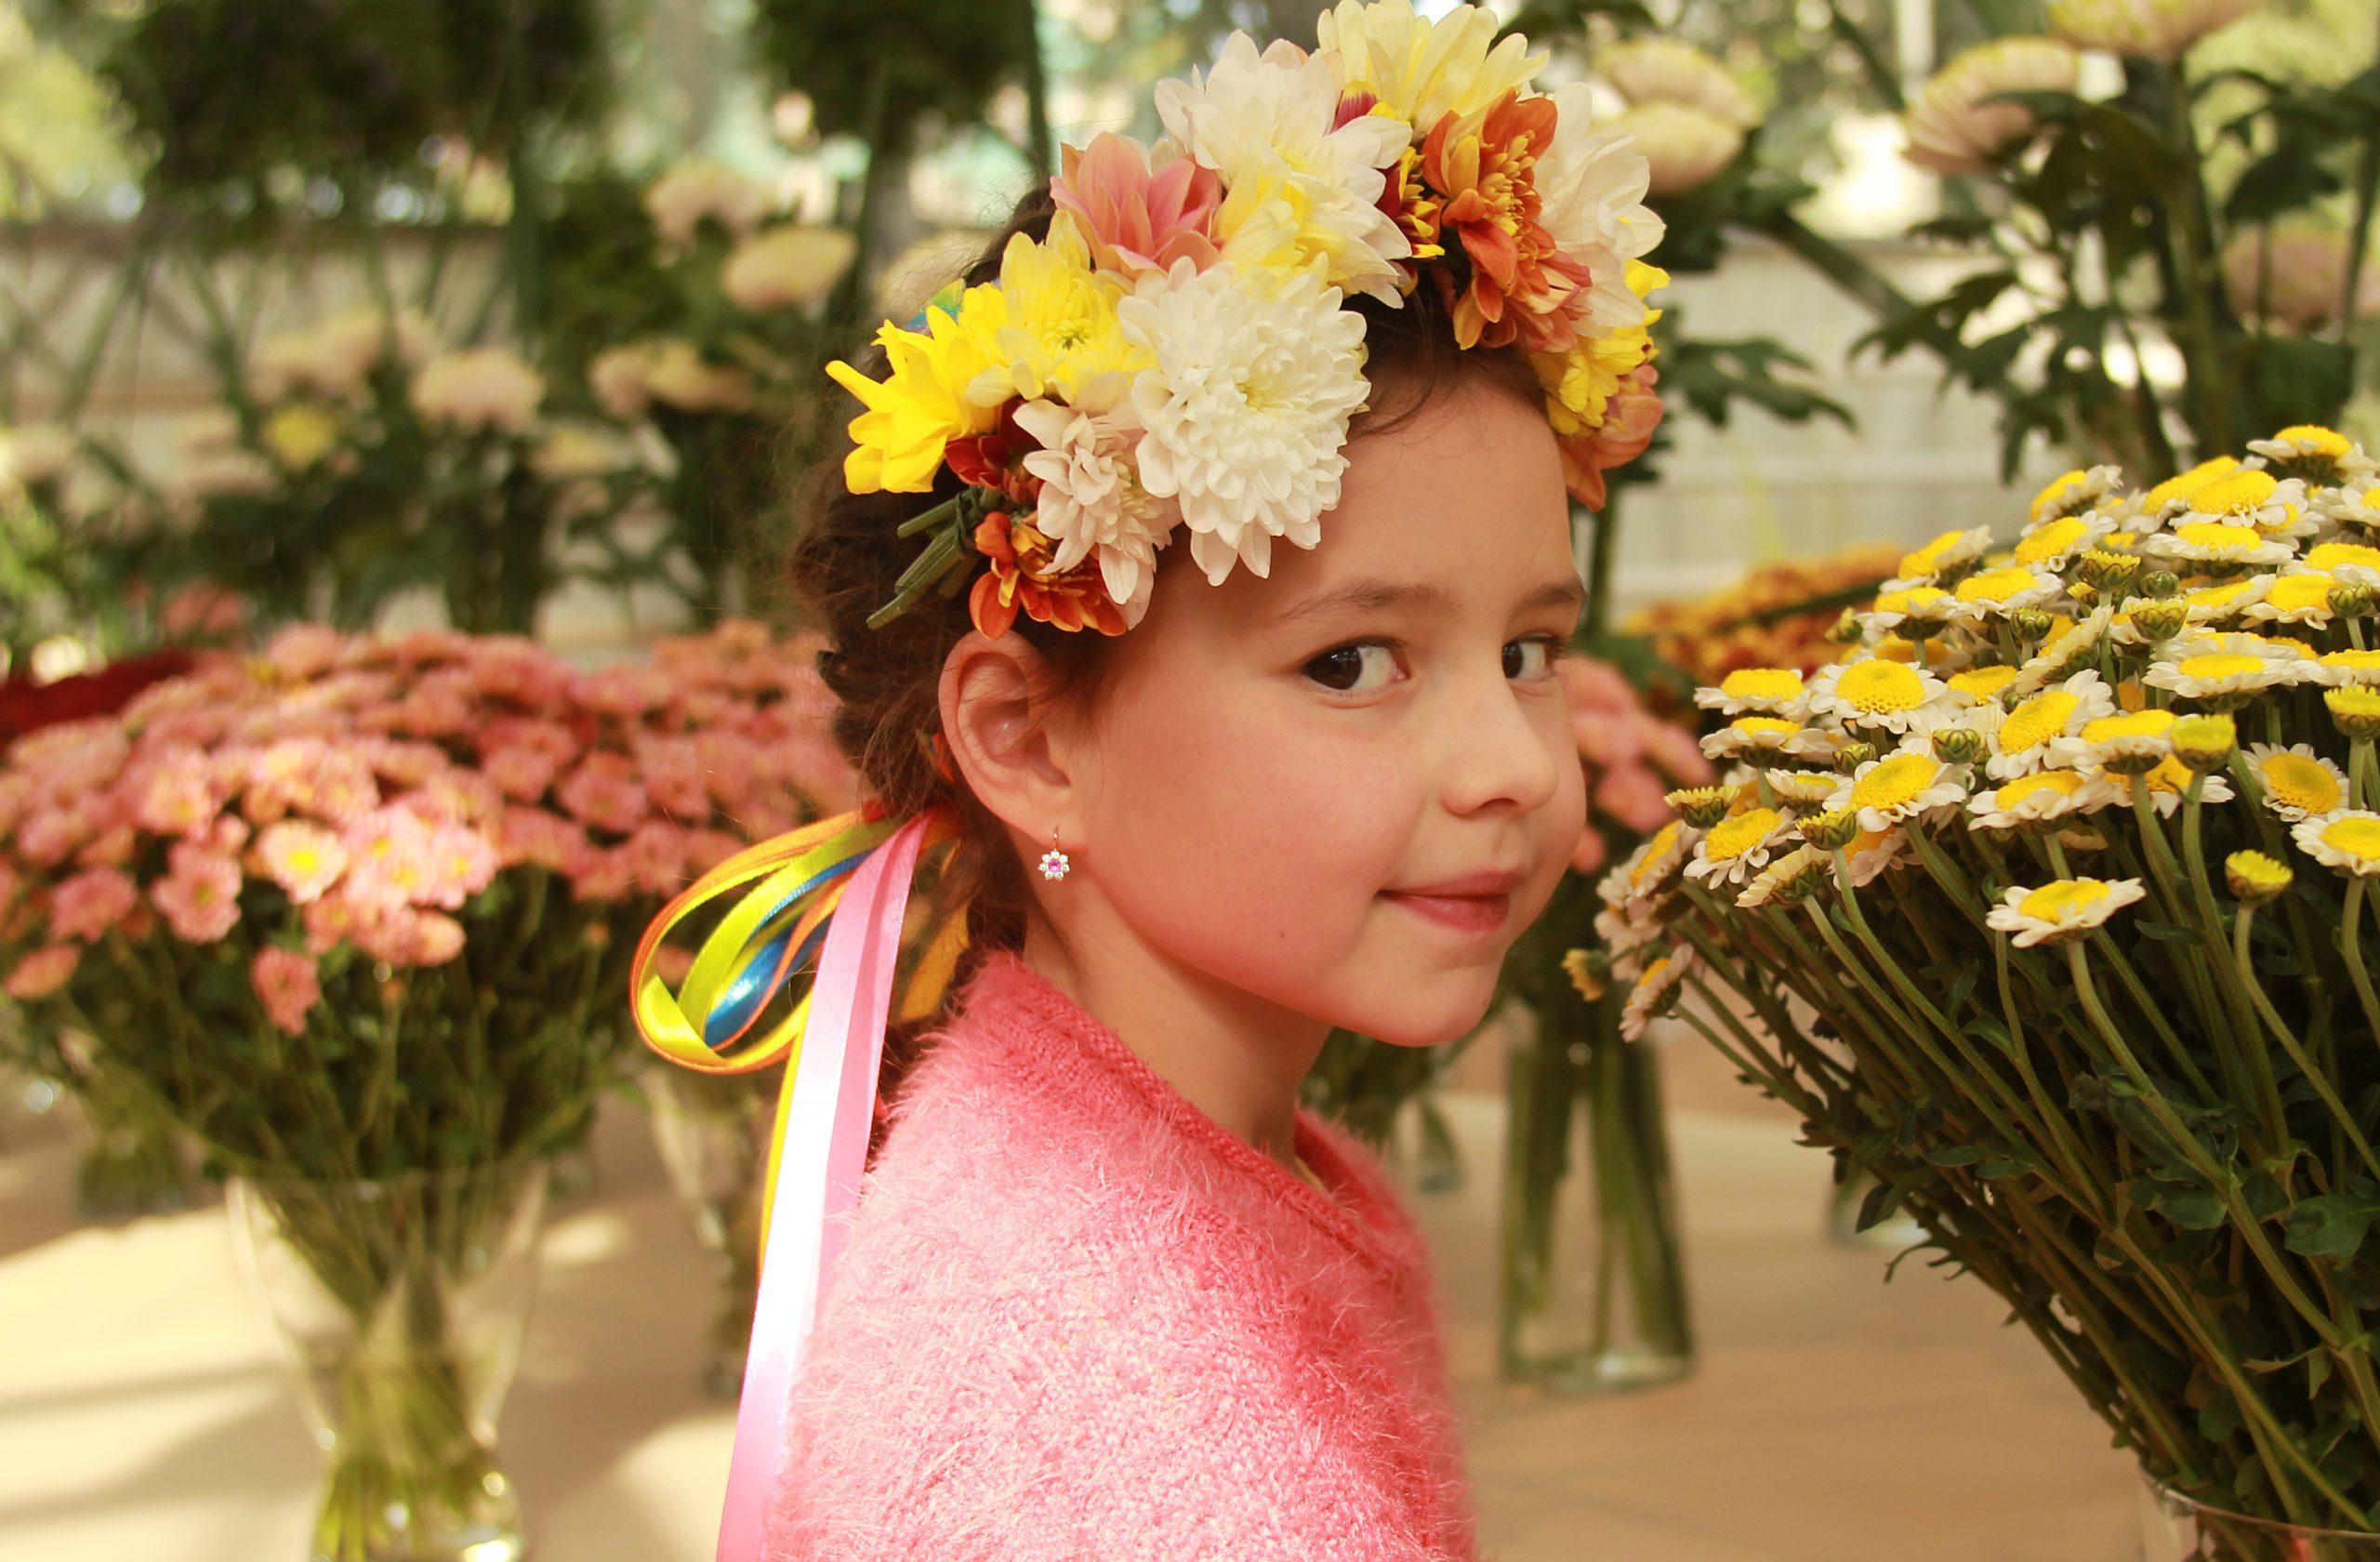 Такая разная весна: москвичей пригласили на выставку в «НЕО-XXI Век»